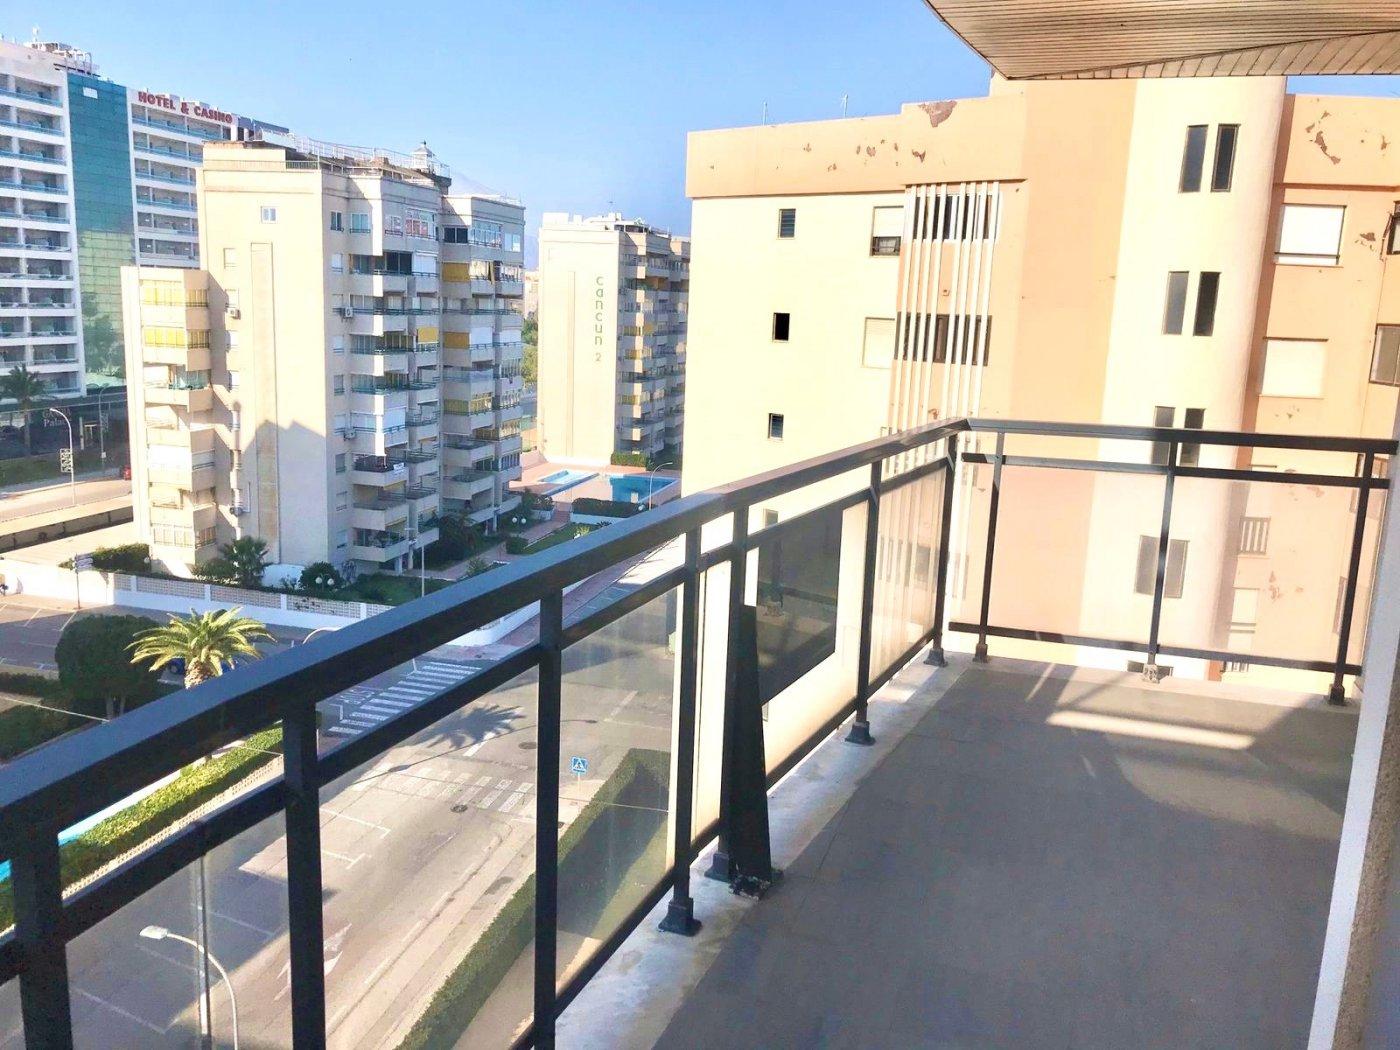 Apartamento en playa de gandia con piscina comunitaria y garaje incluido - imagenInmueble26